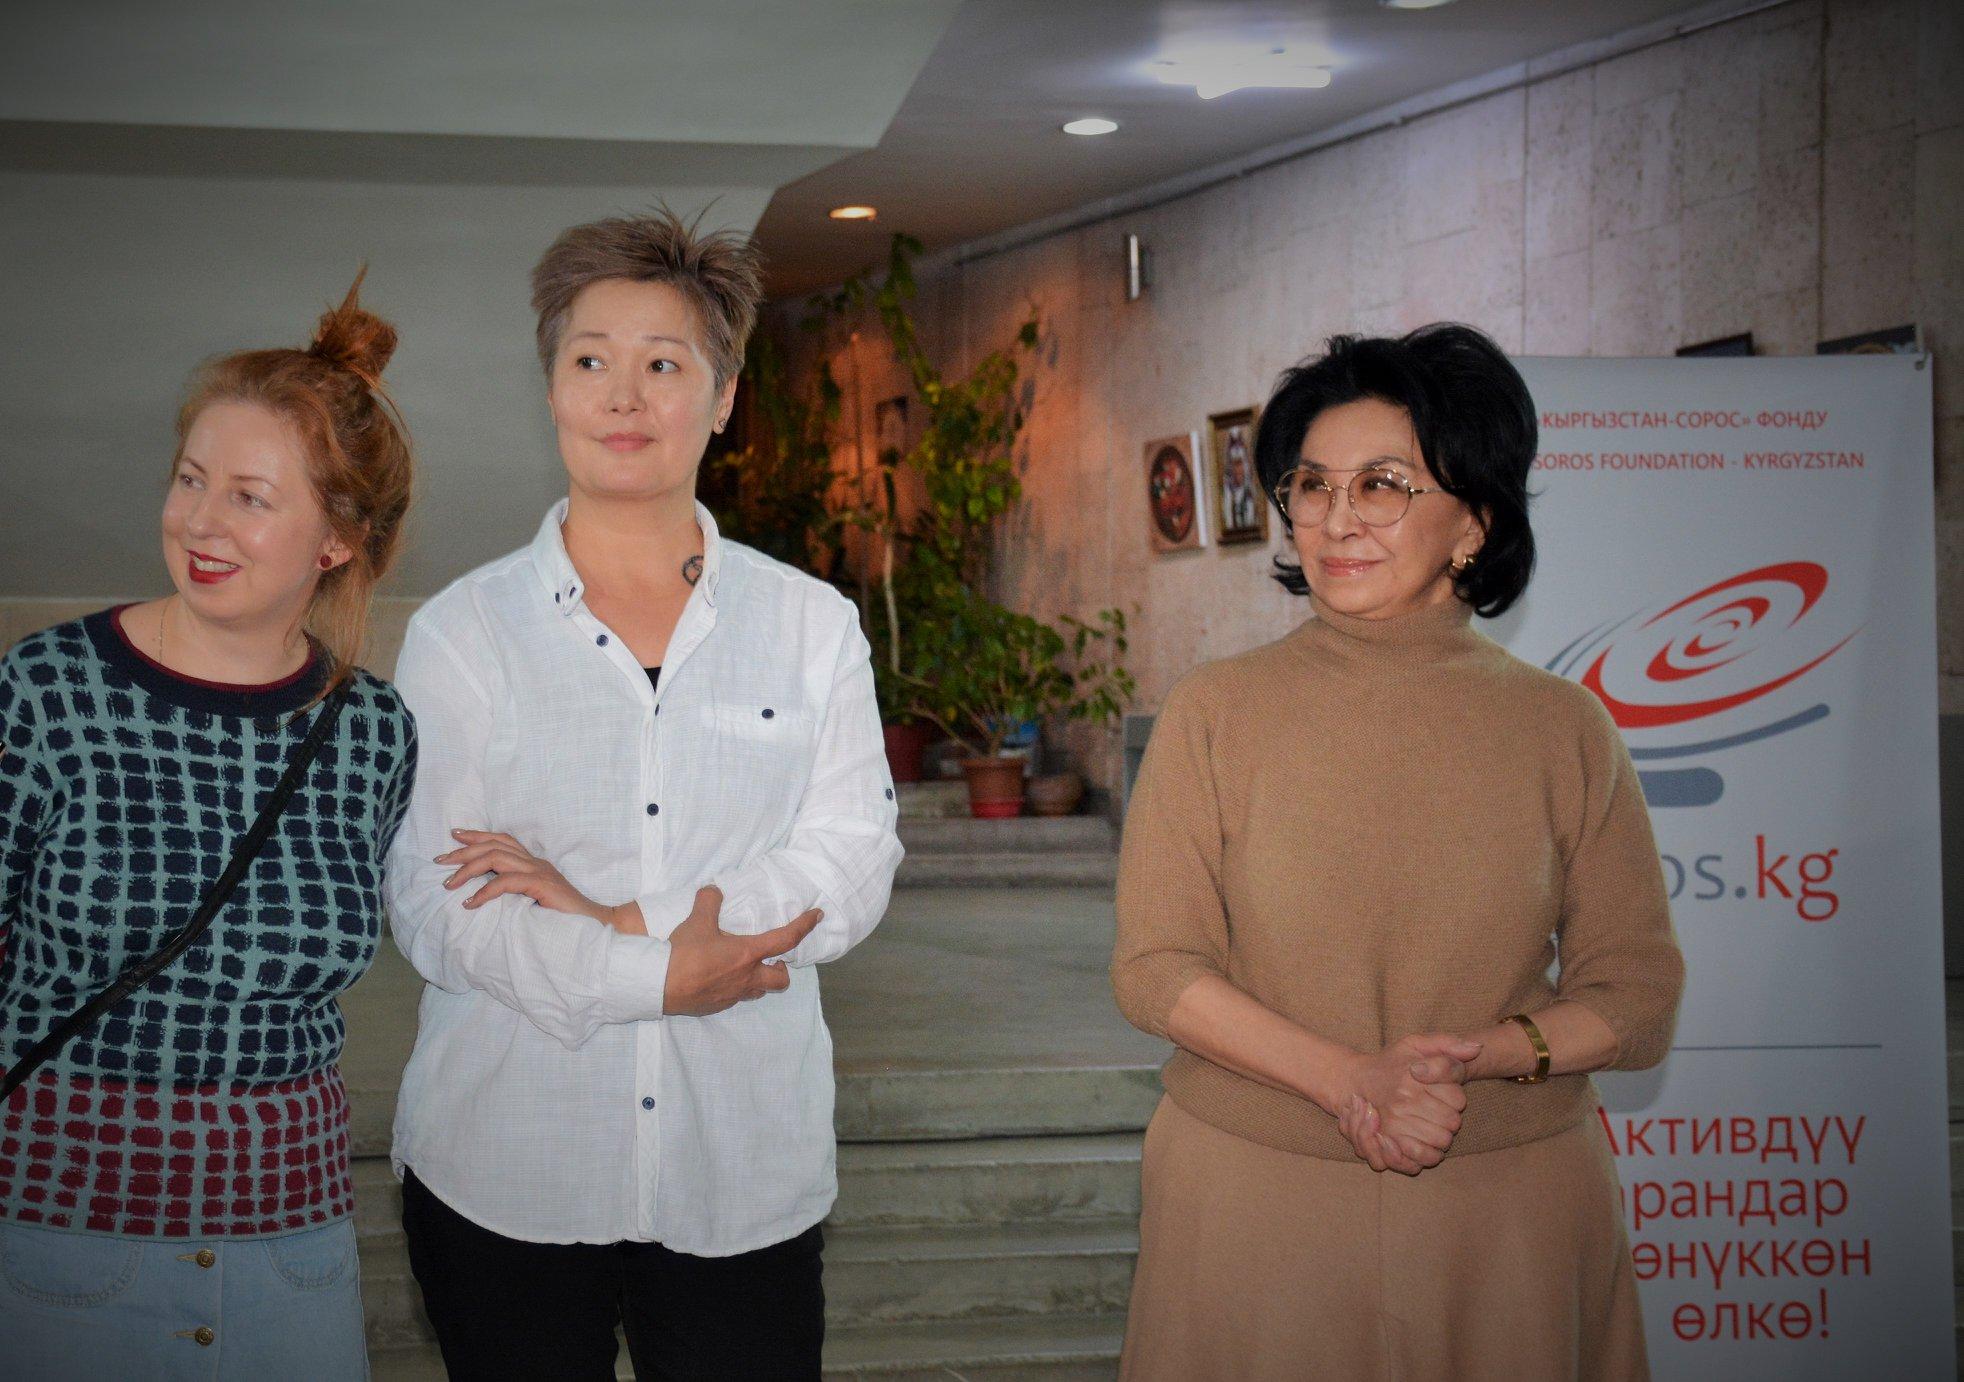 Бишкекте түндө феминисттердин куратору Айгүл Карабалинаны сабап кетишти